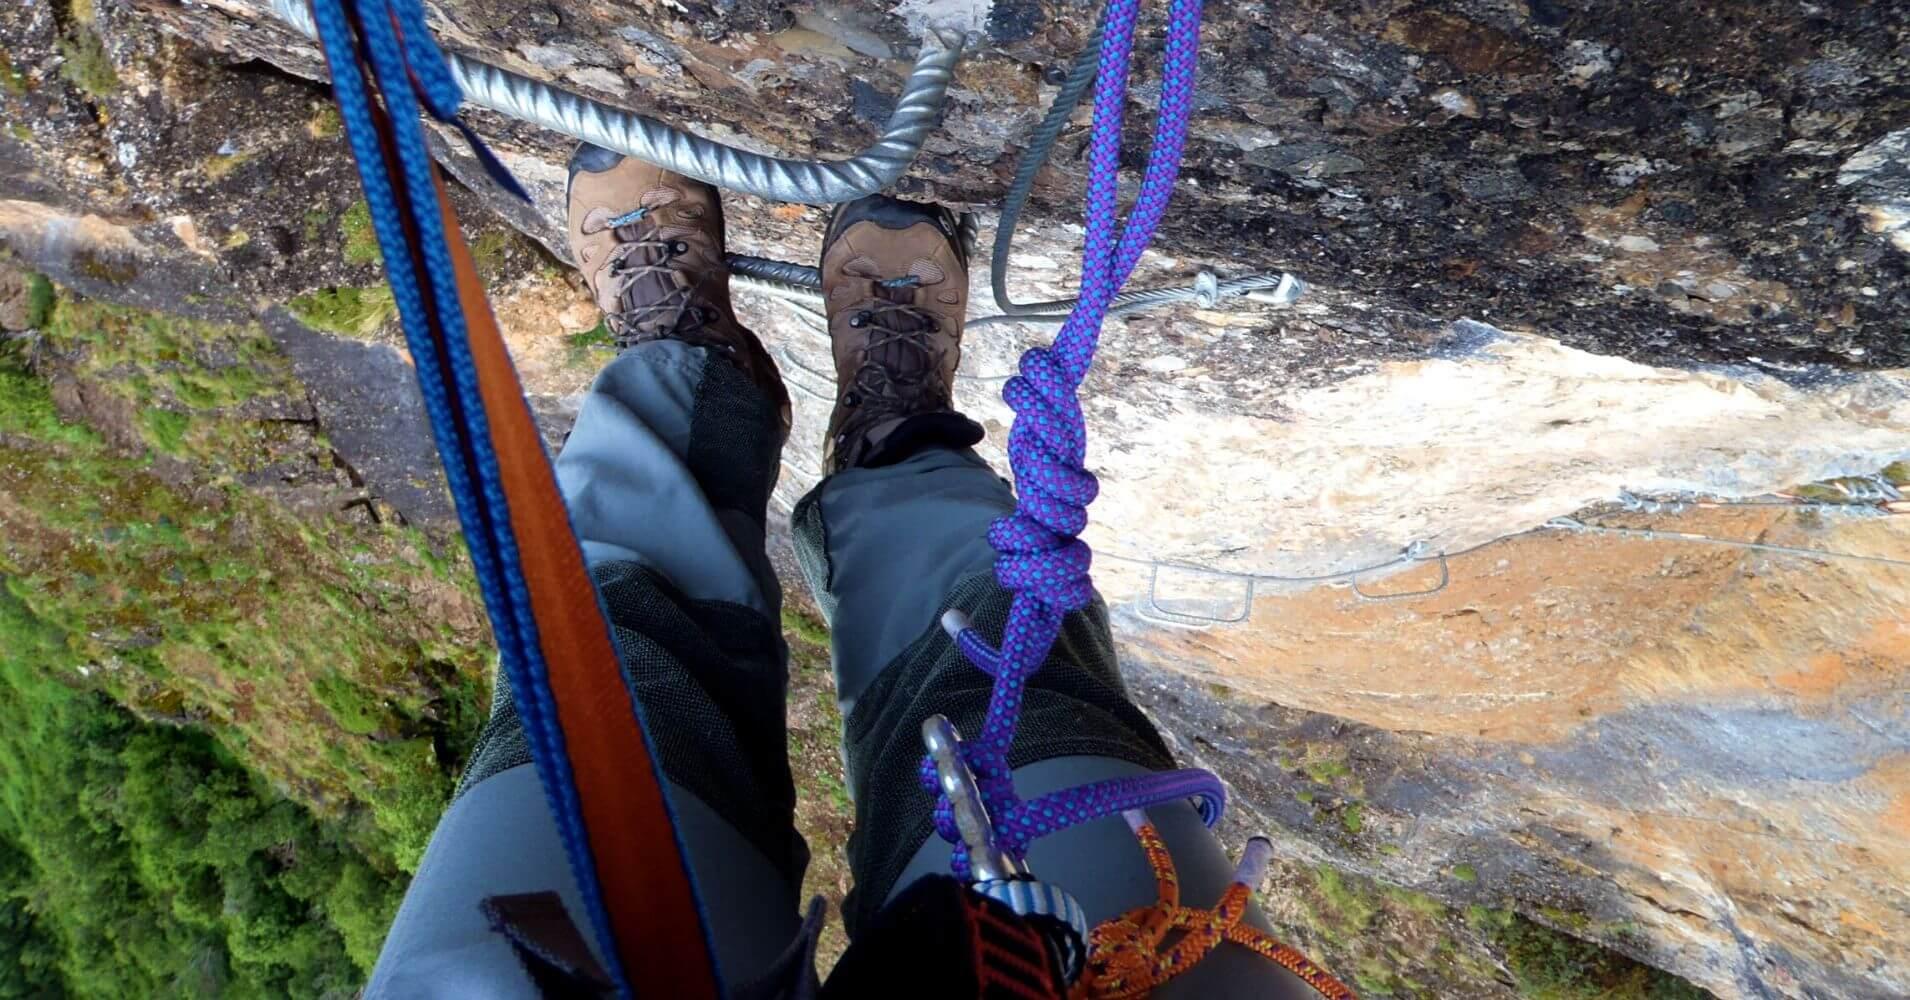 Vertical en la Vía de Los Llanos, Picos de Europa. Cantabria.